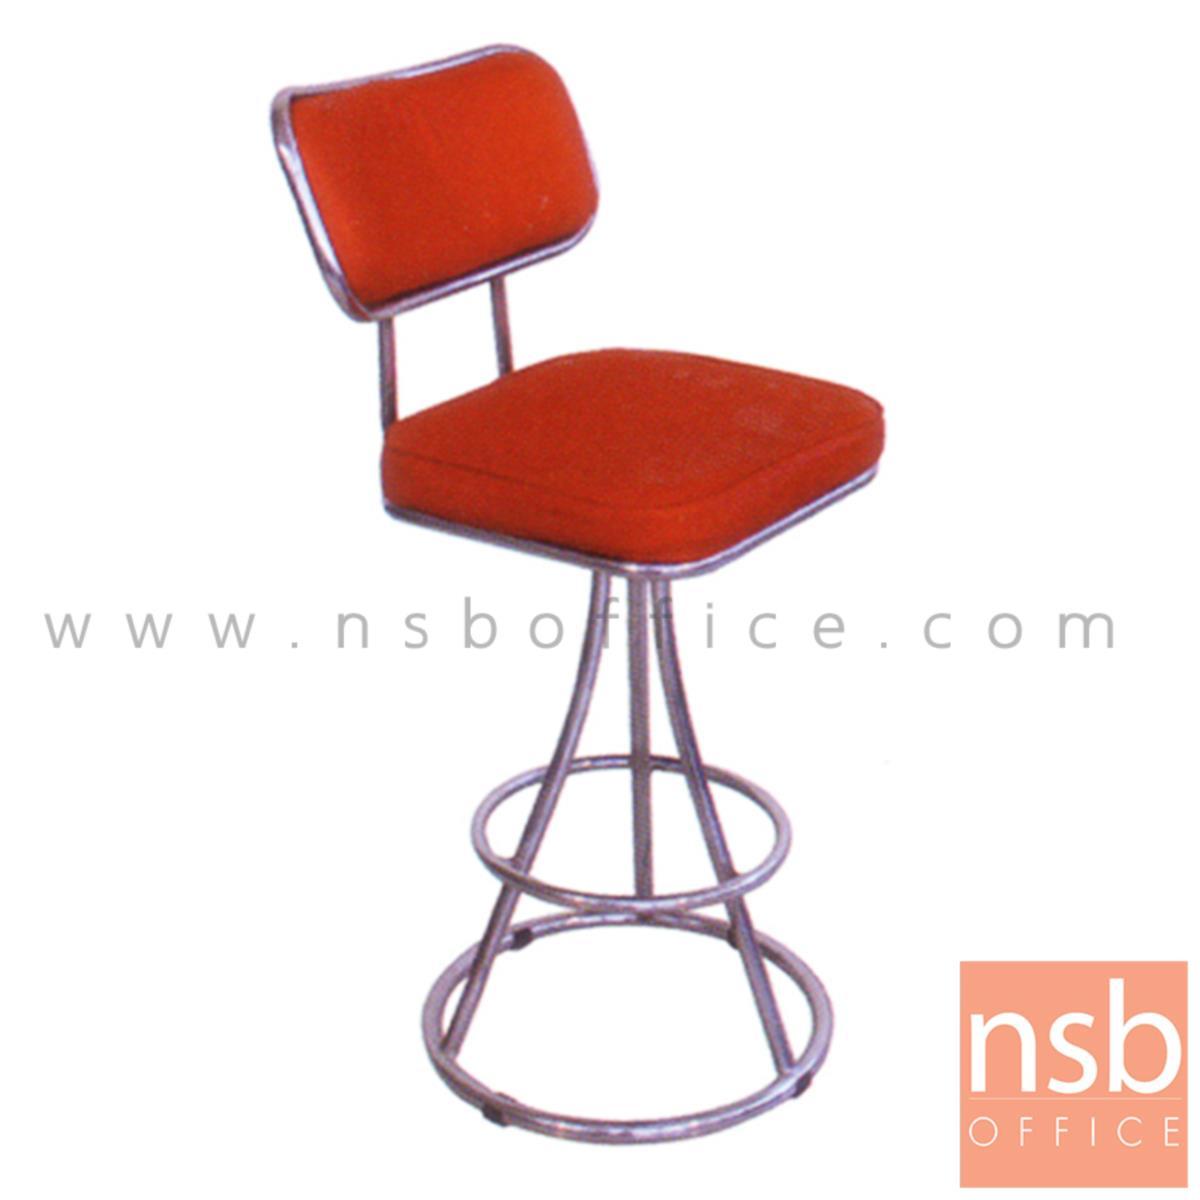 เก้าอี้บาร์ที่นั่งเหลี่ยมมีพิง ขาทรงพีระมิด  รุ่น Whiston (วิสตัน)  ขนาด 76H cm. โครง-ขาเหล็ก